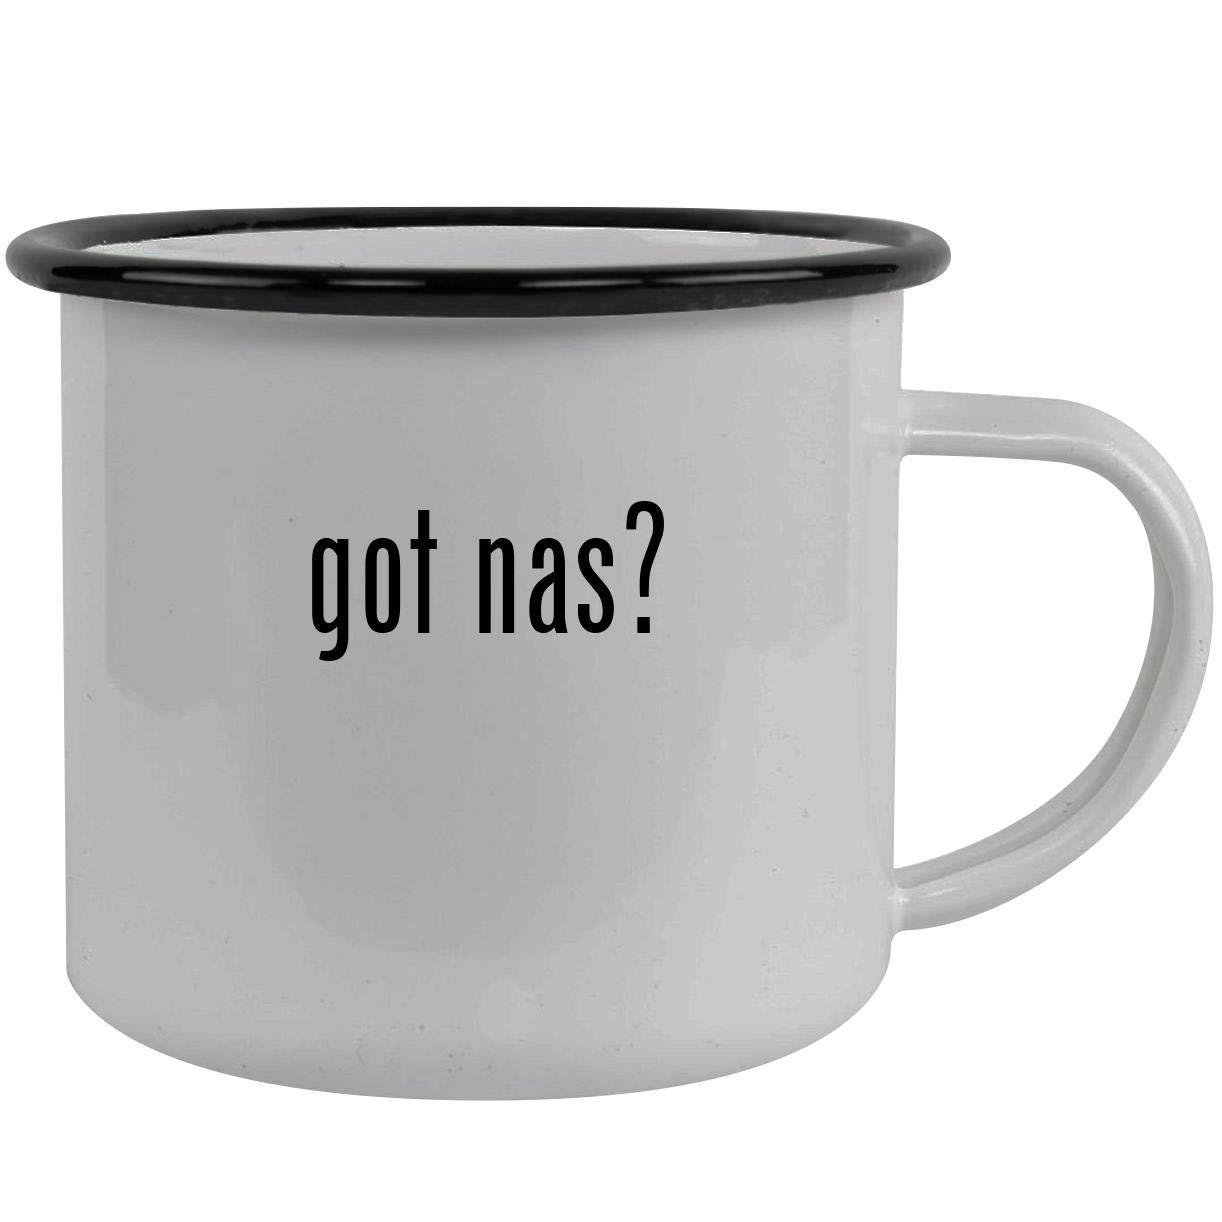 got nas? - Stainless Steel 12oz Camping Mug, Black